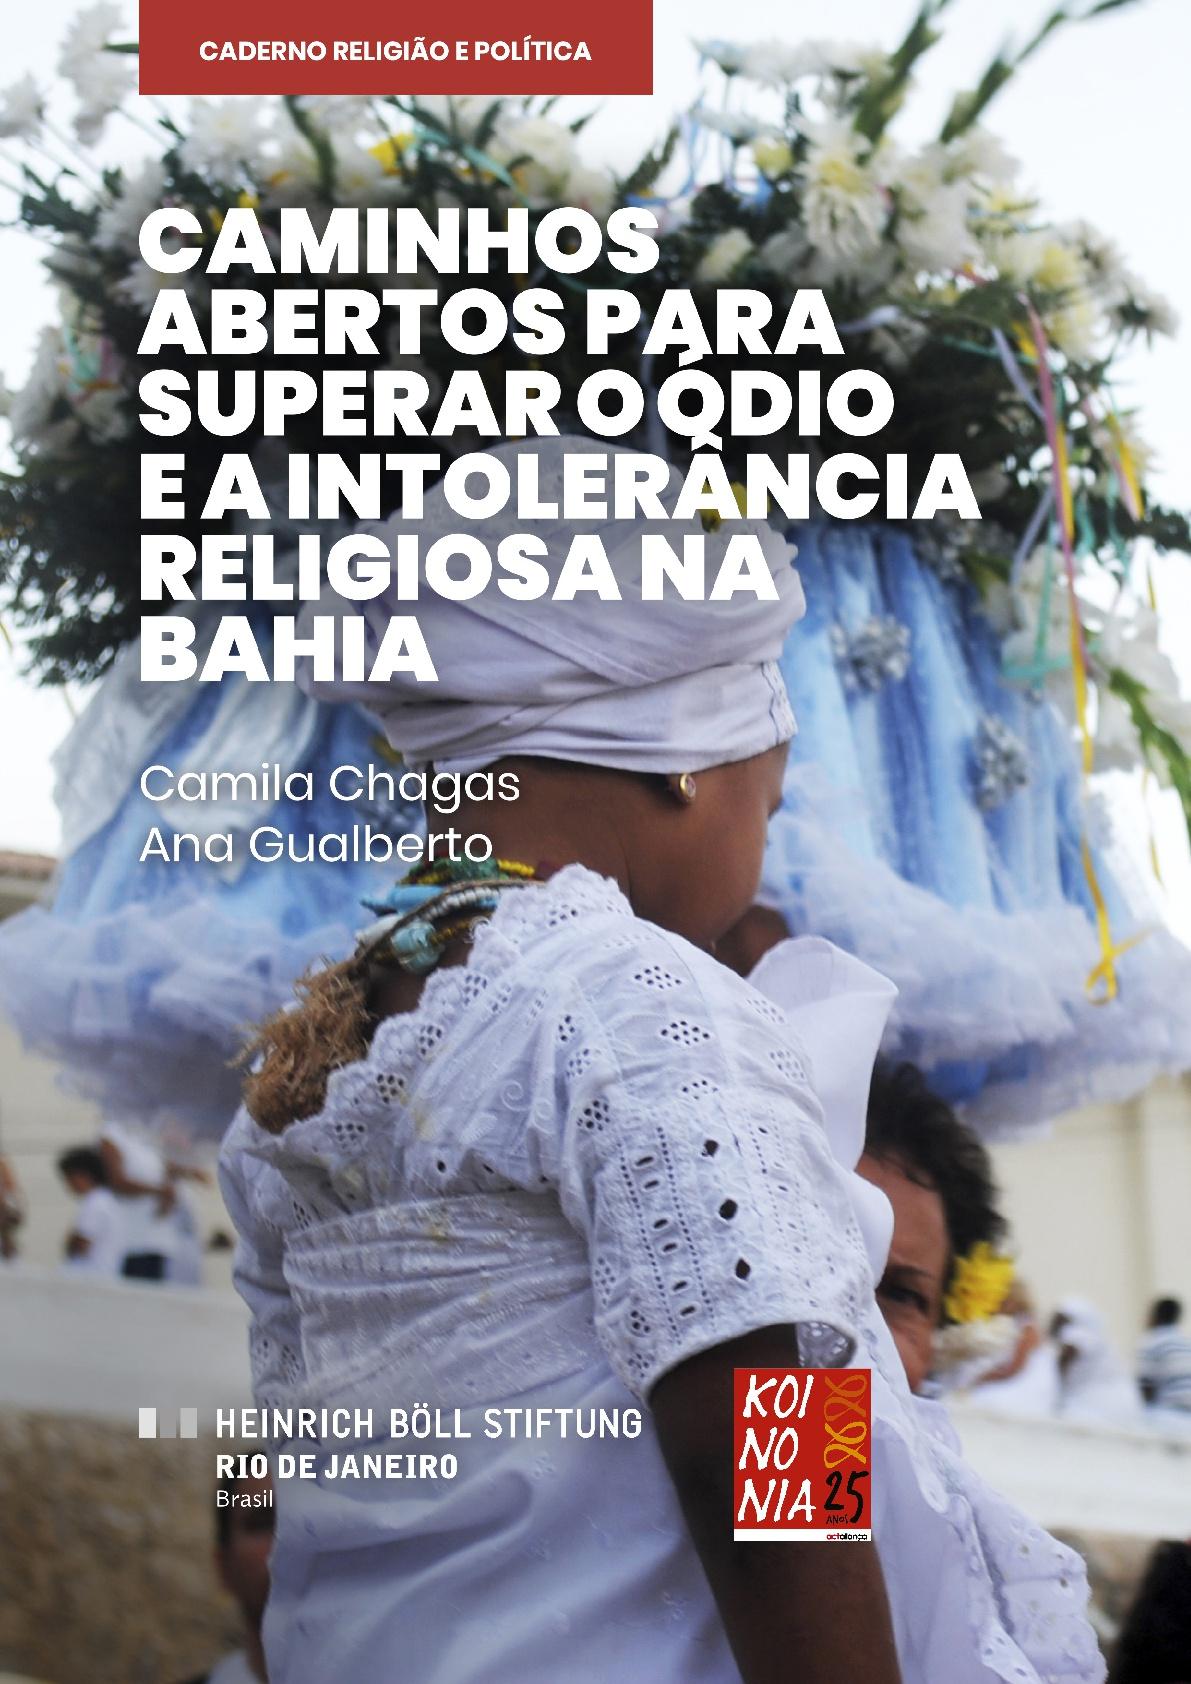 Caminhos abertos para superar o ódio e a intolerância na Bahia